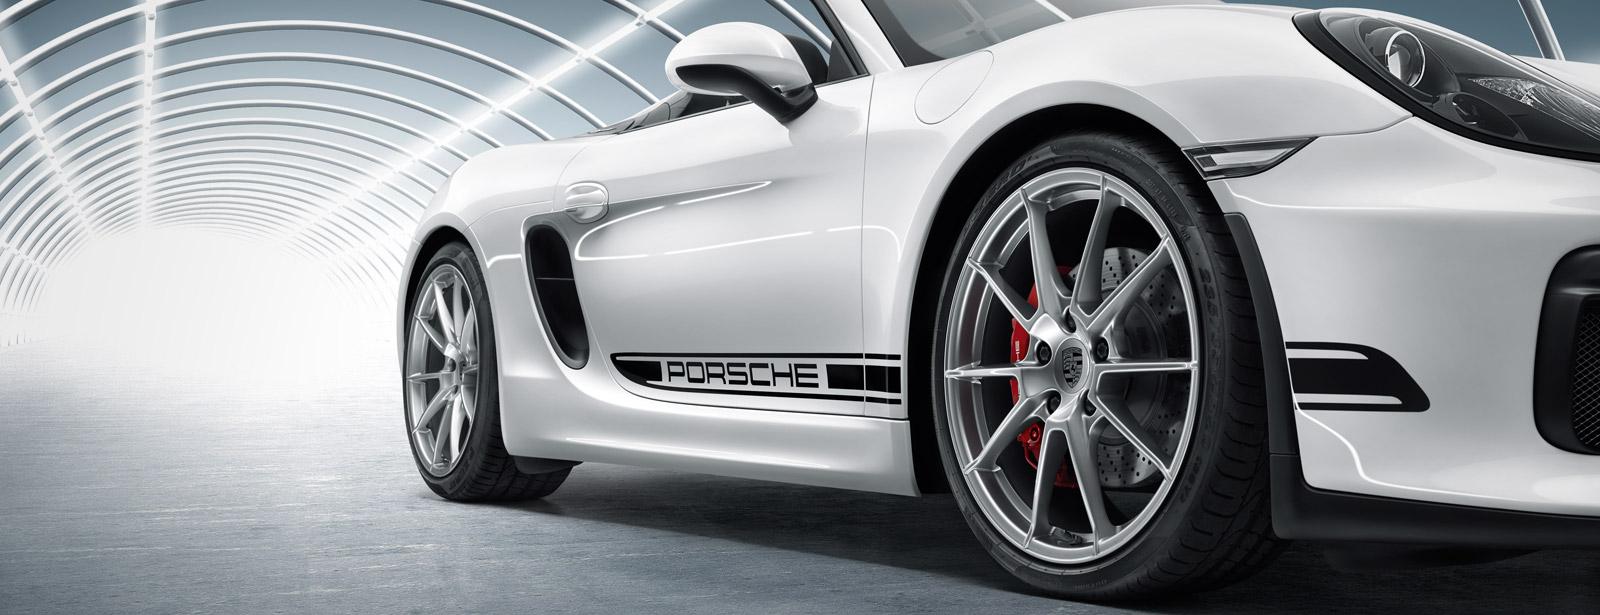 Porsche Motorsport Dekorklebeset Und Seitlicher